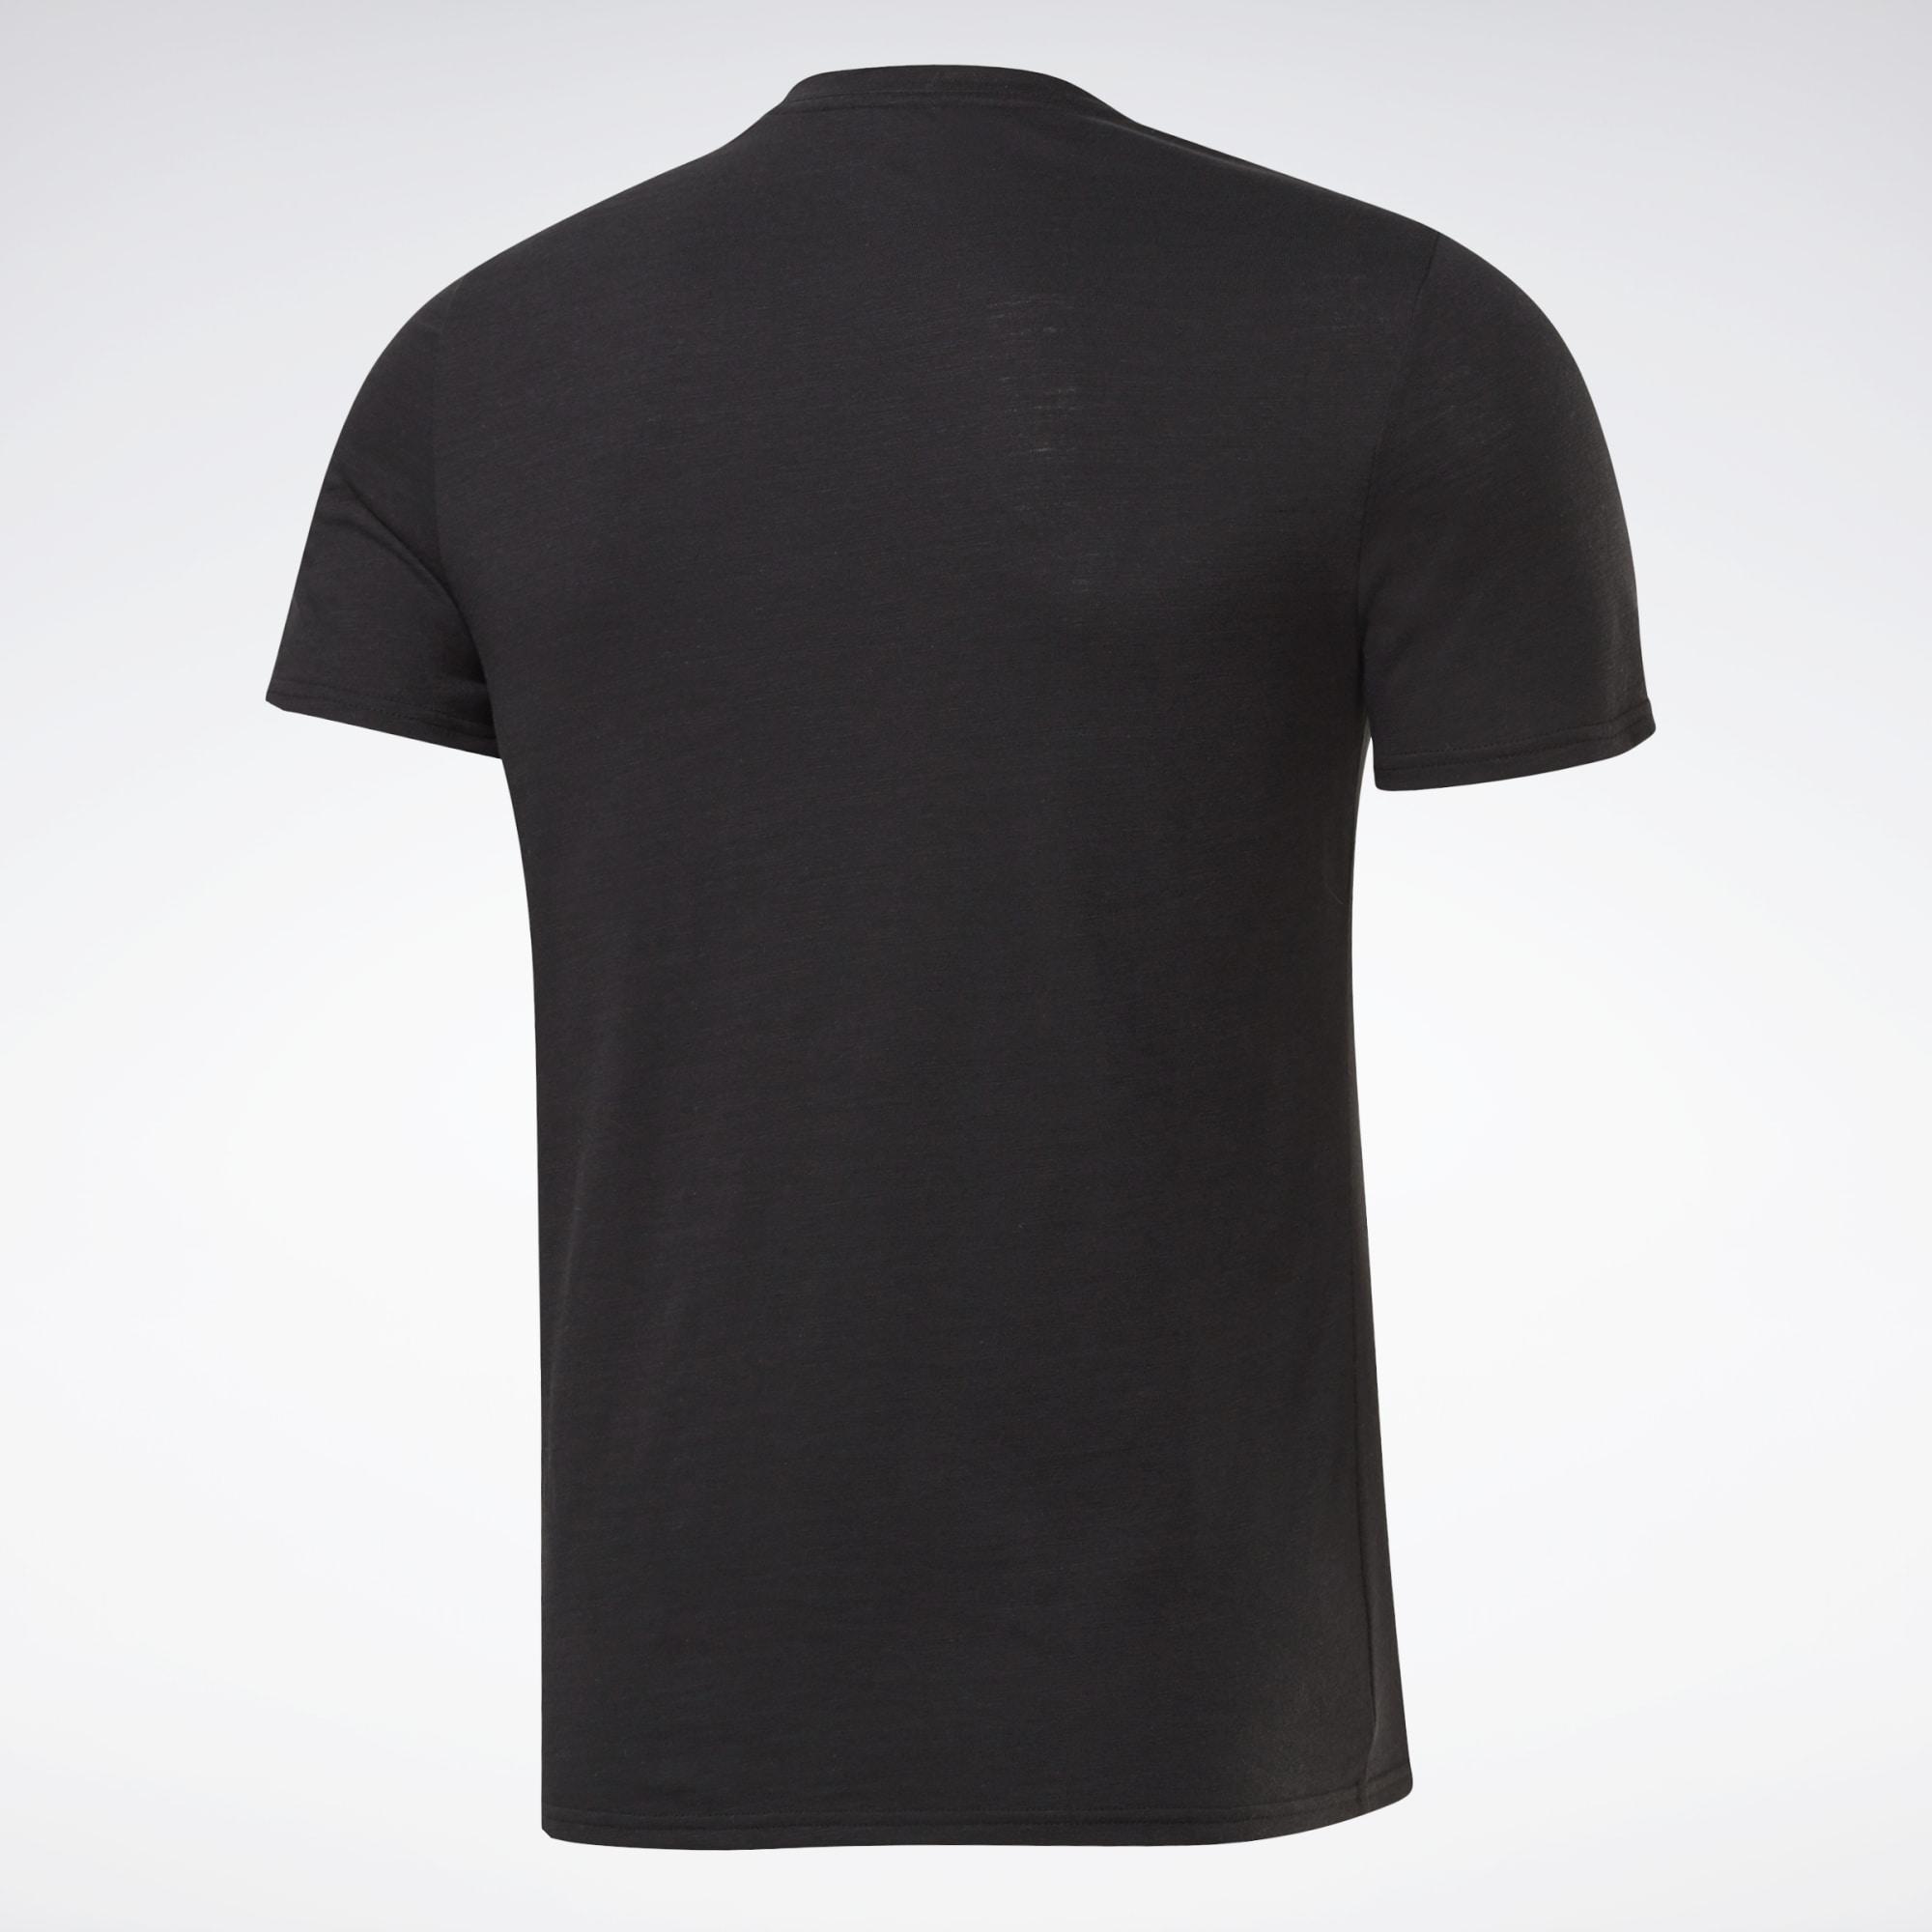 Reebok ufc shirt